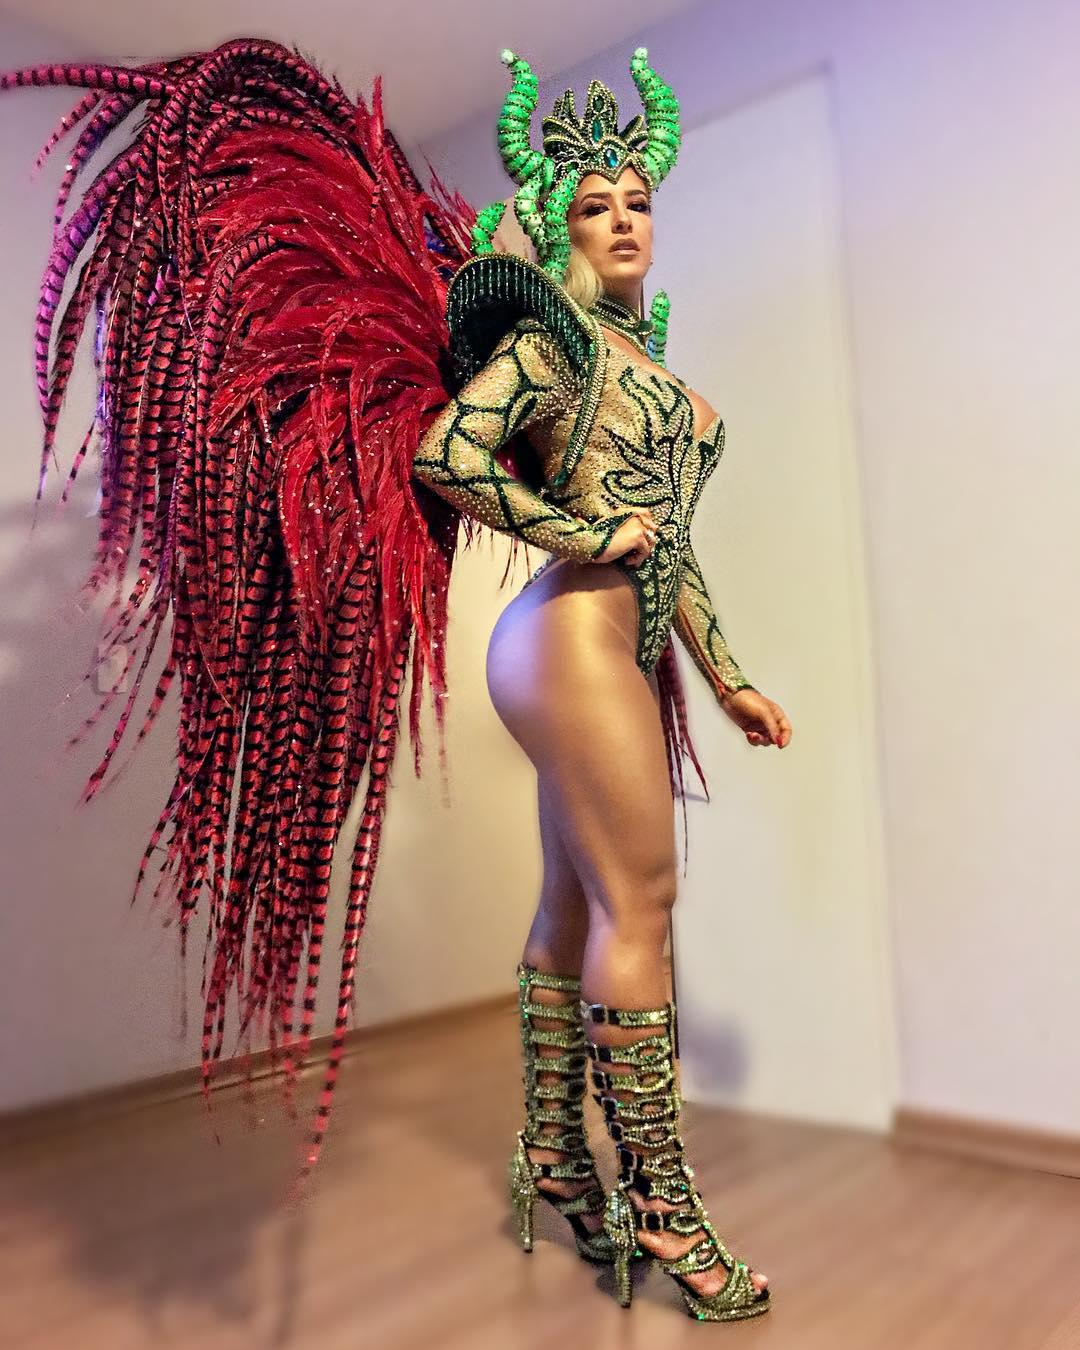 Confira as Musas campeãs do Carnaval no Rio   Famosos & TV